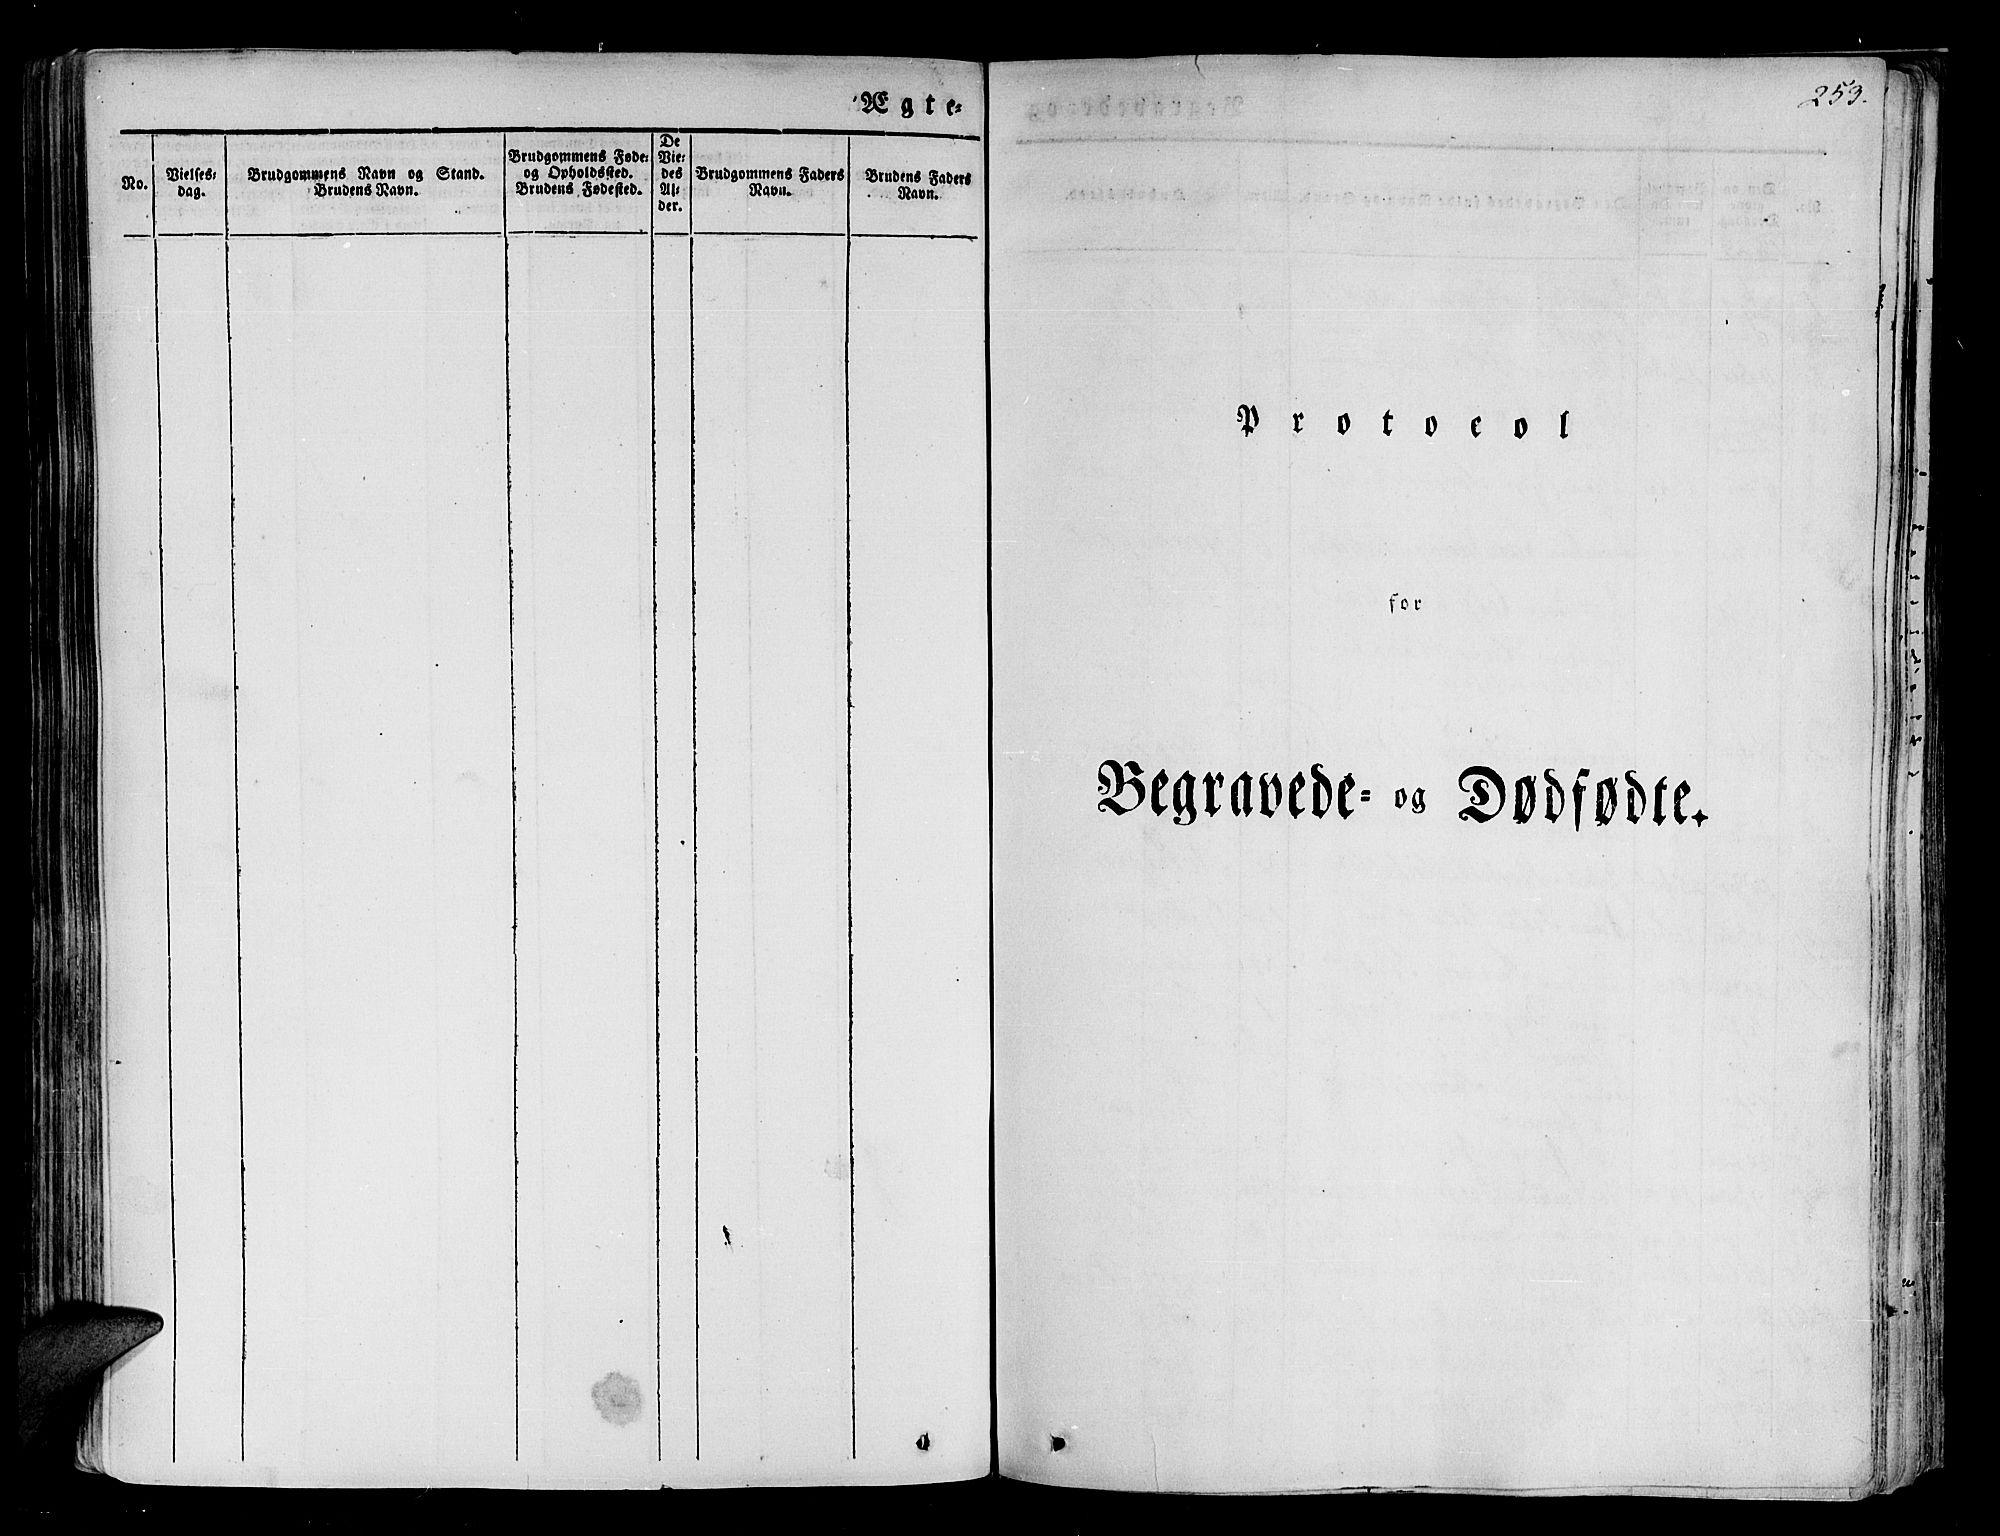 SATØ, Tranøy sokneprestkontor, I/Ia/Iaa/L0005kirke: Parish register (official) no. 5, 1829-1844, p. 253